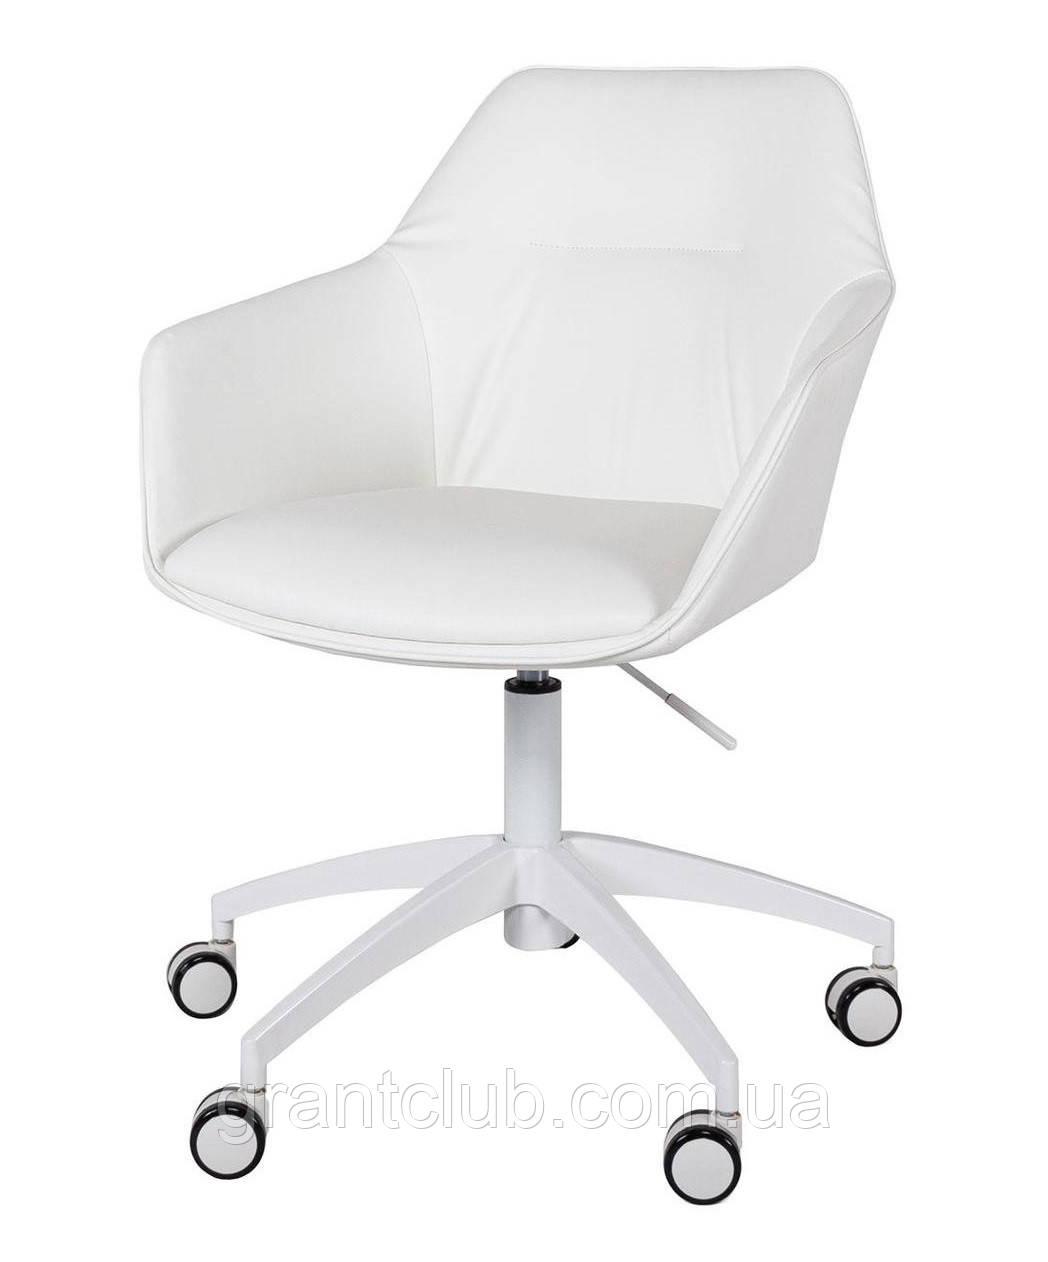 Кресло офисное на колесах LAREDO (Ларедо) кожзам белый Nicolas